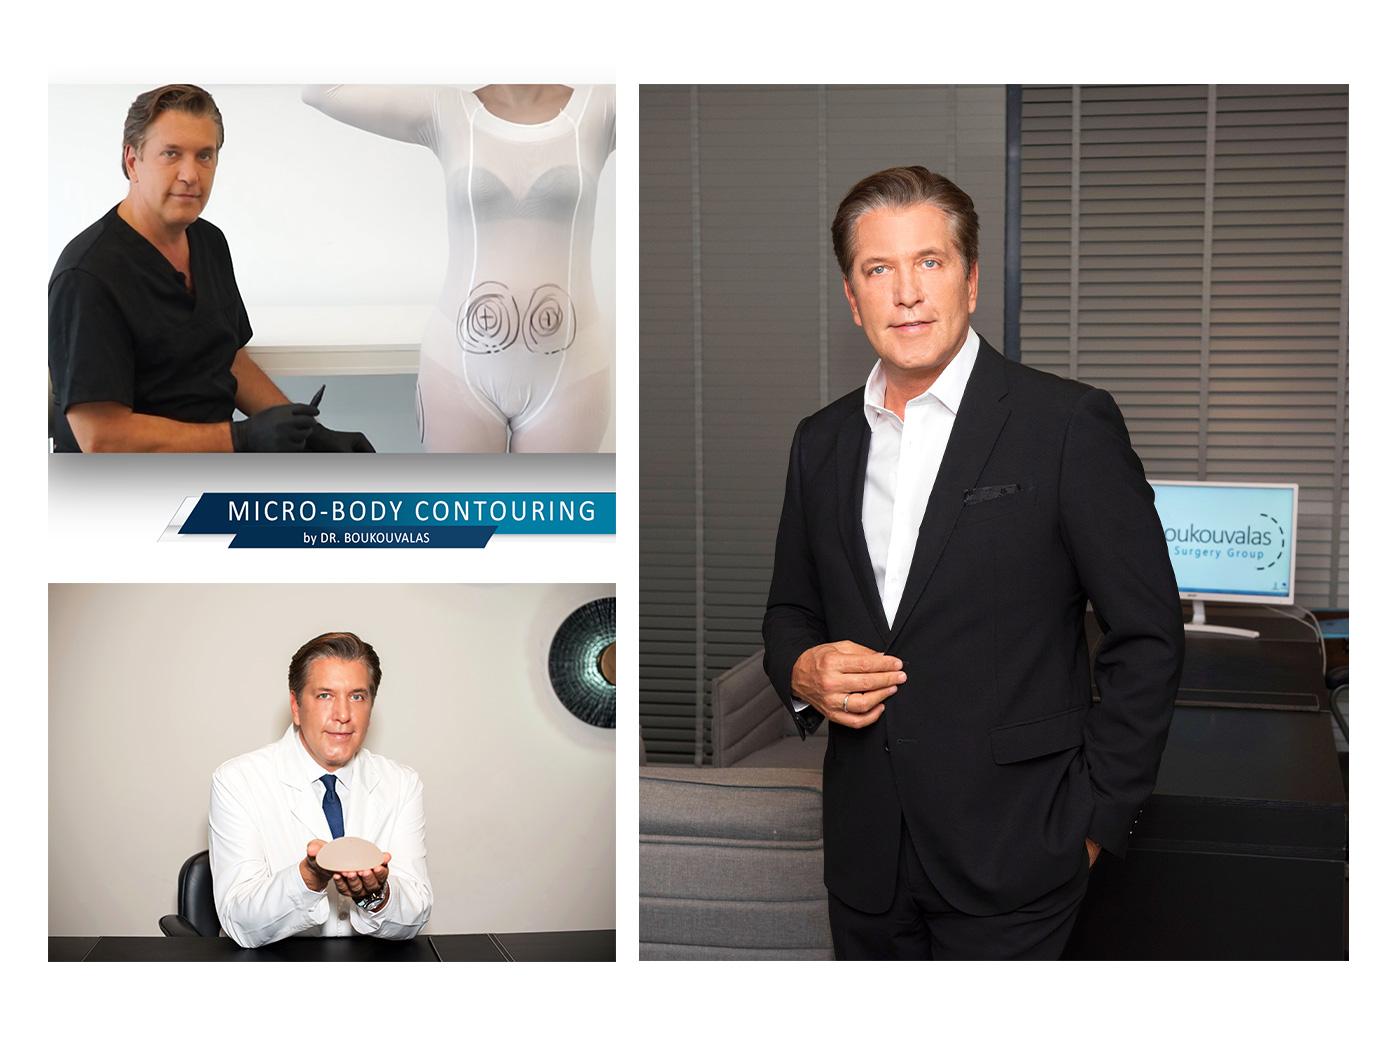 Ζήσης Μπουκουβάλας: οι δύο πλαστικές επεμβάσεις για τις οποίες θα συζητούν όλοι στο μέλλον σύμφωνα με τον κορυφαίο Έλληνα πλαστικό χειρουργό!